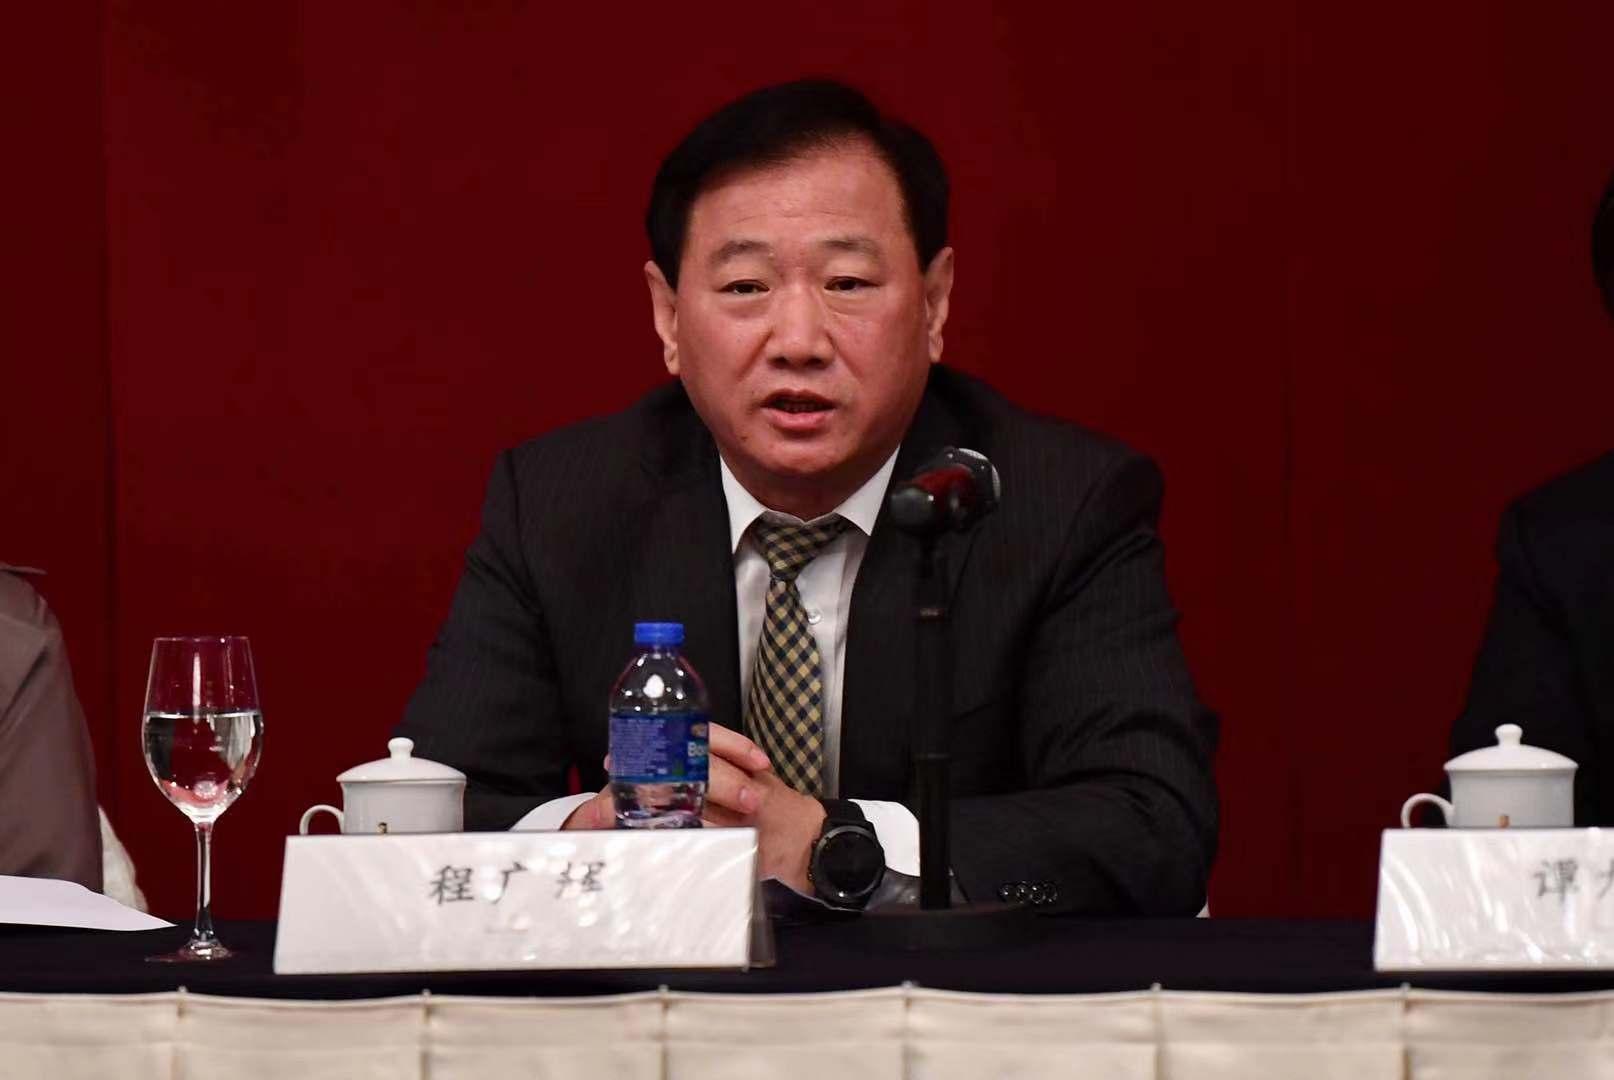 华鲁集团董事长程广辉:借鉴香港服务业优势 弥补山东三产短板